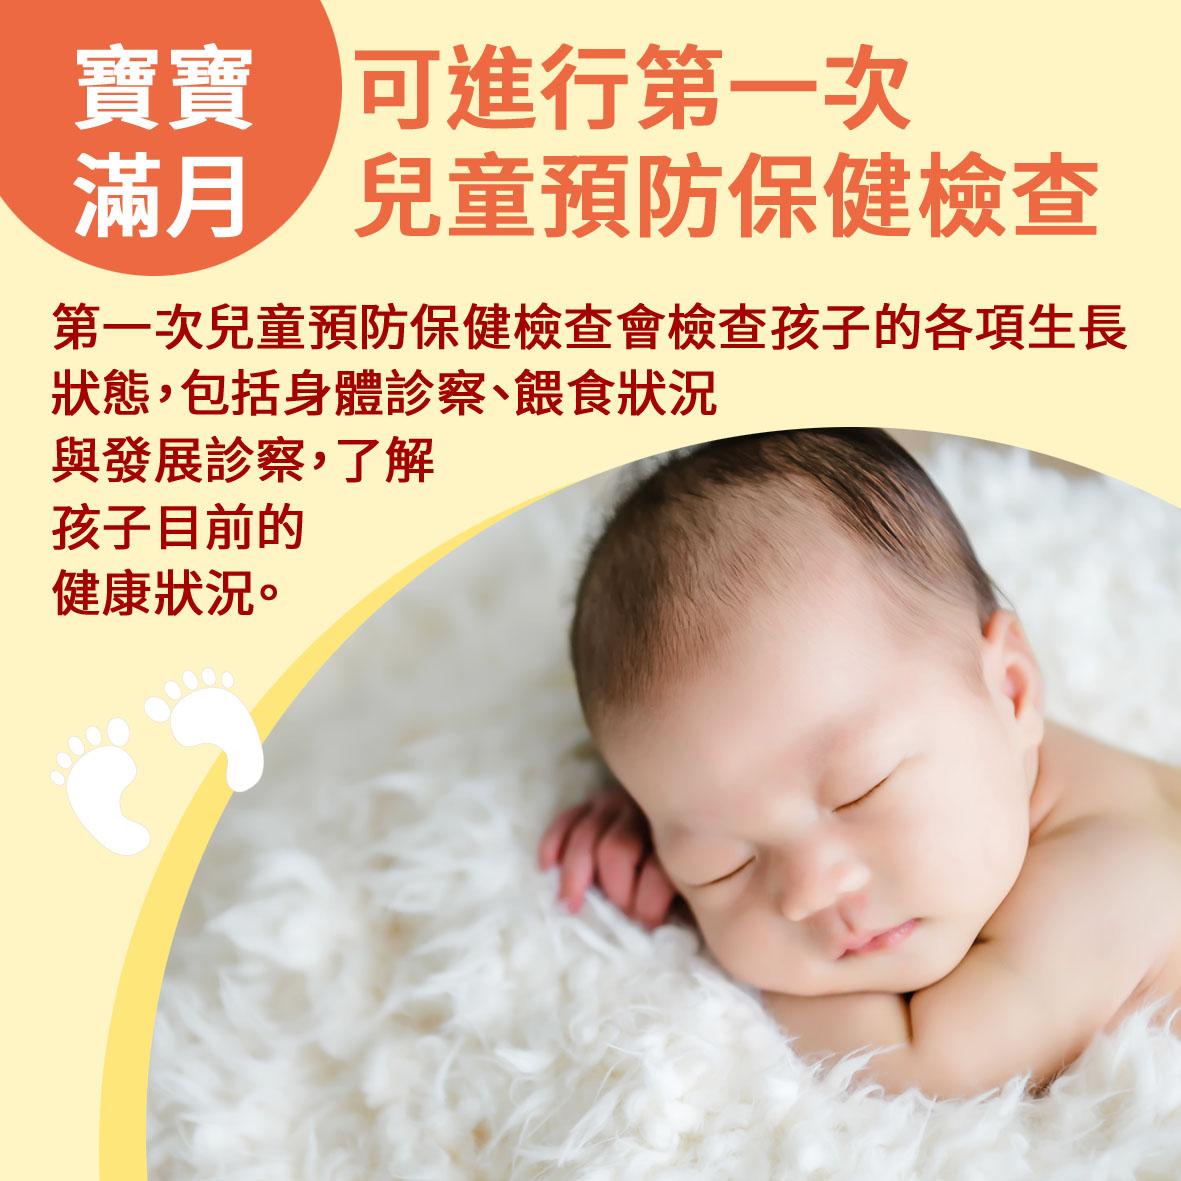 寶寶篇第5週-寶寶滿月可進行第一次兒童預防保健檢查